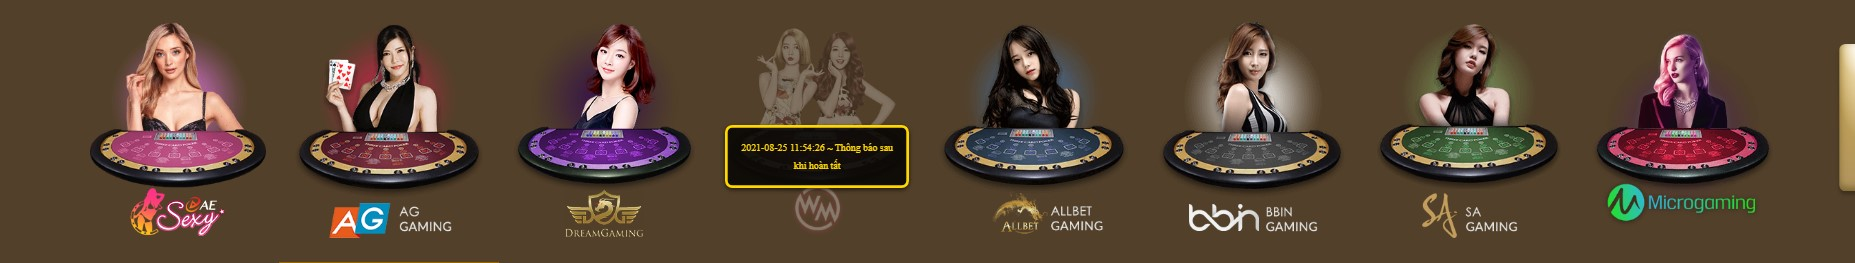 Game bài Casino hấp dẫn tại Galaxy 6623